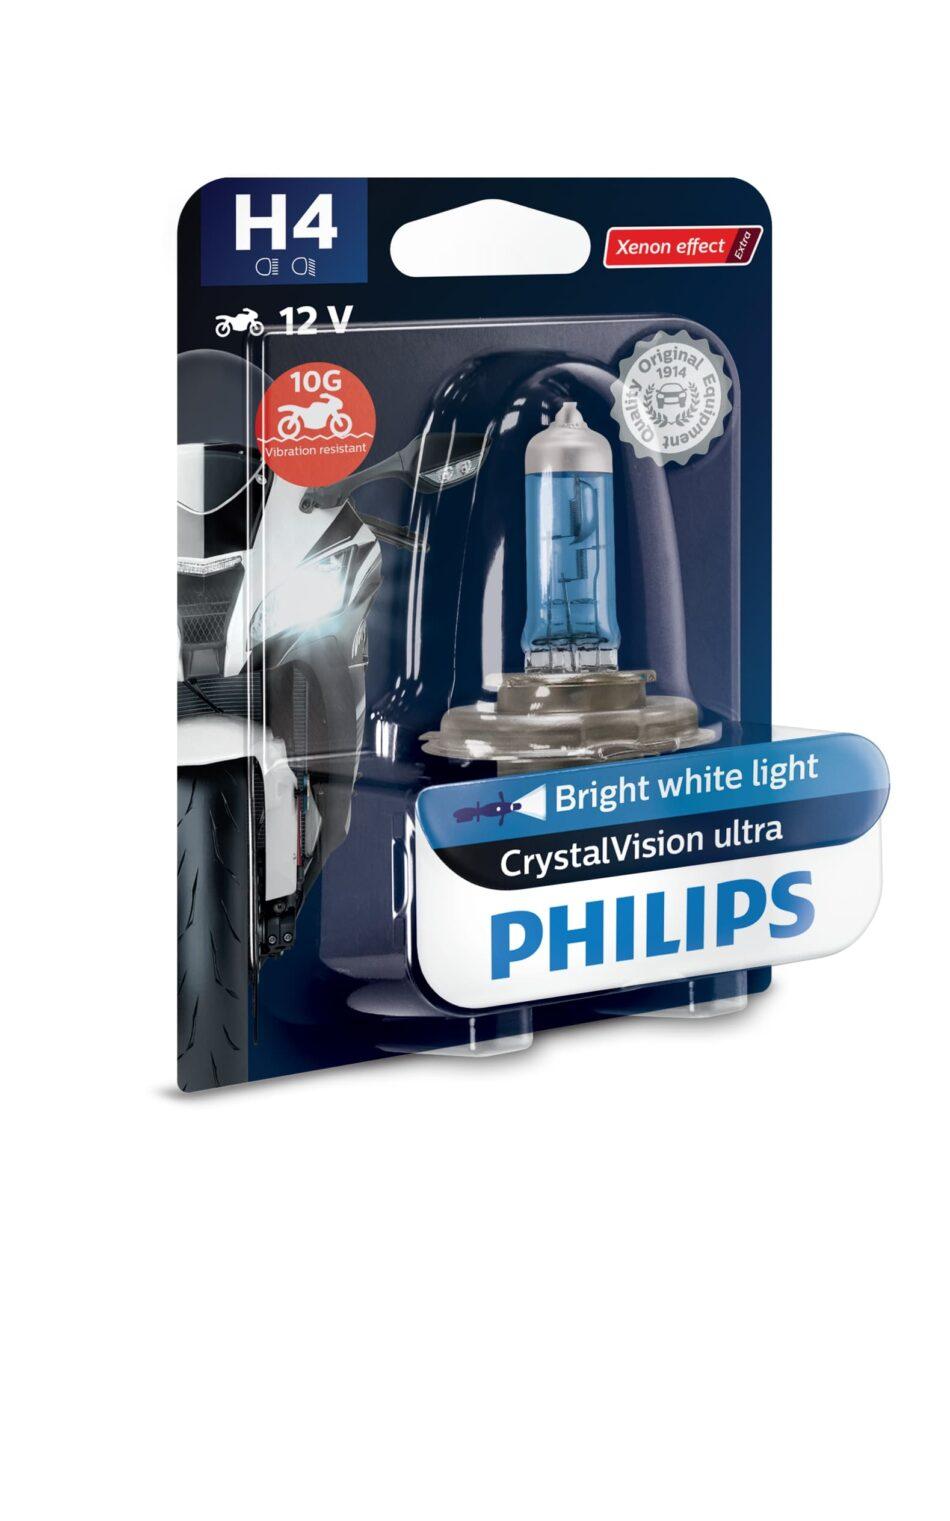 Lampada Farol Philips H4 12v 60/55w Cristal Vision Moto (12342cvmbw) Cb300r - Nx 400 Falcon - Nc700 - Cb500 - Shadow -